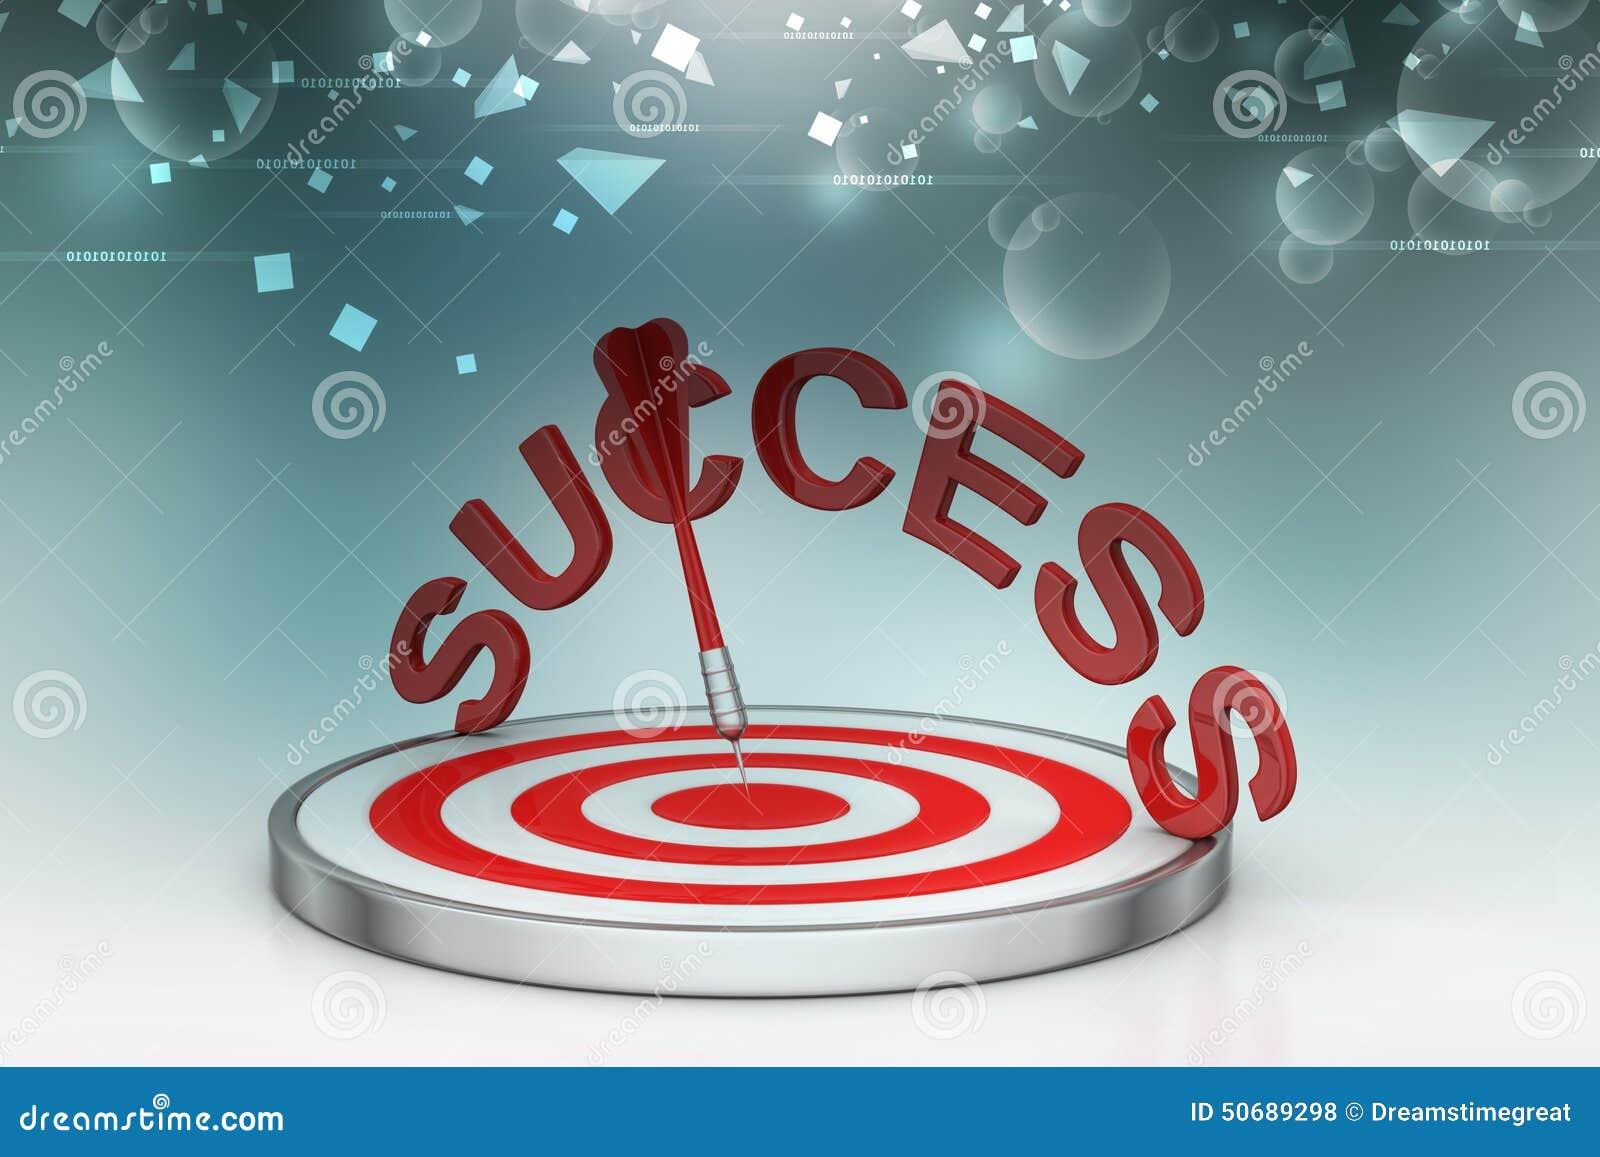 Download 箭目标成功企业概念 库存例证. 插画 包括有 复制, d0, 商业, 争取, 眼睛, 例证, 目标, 刺激 - 50689298